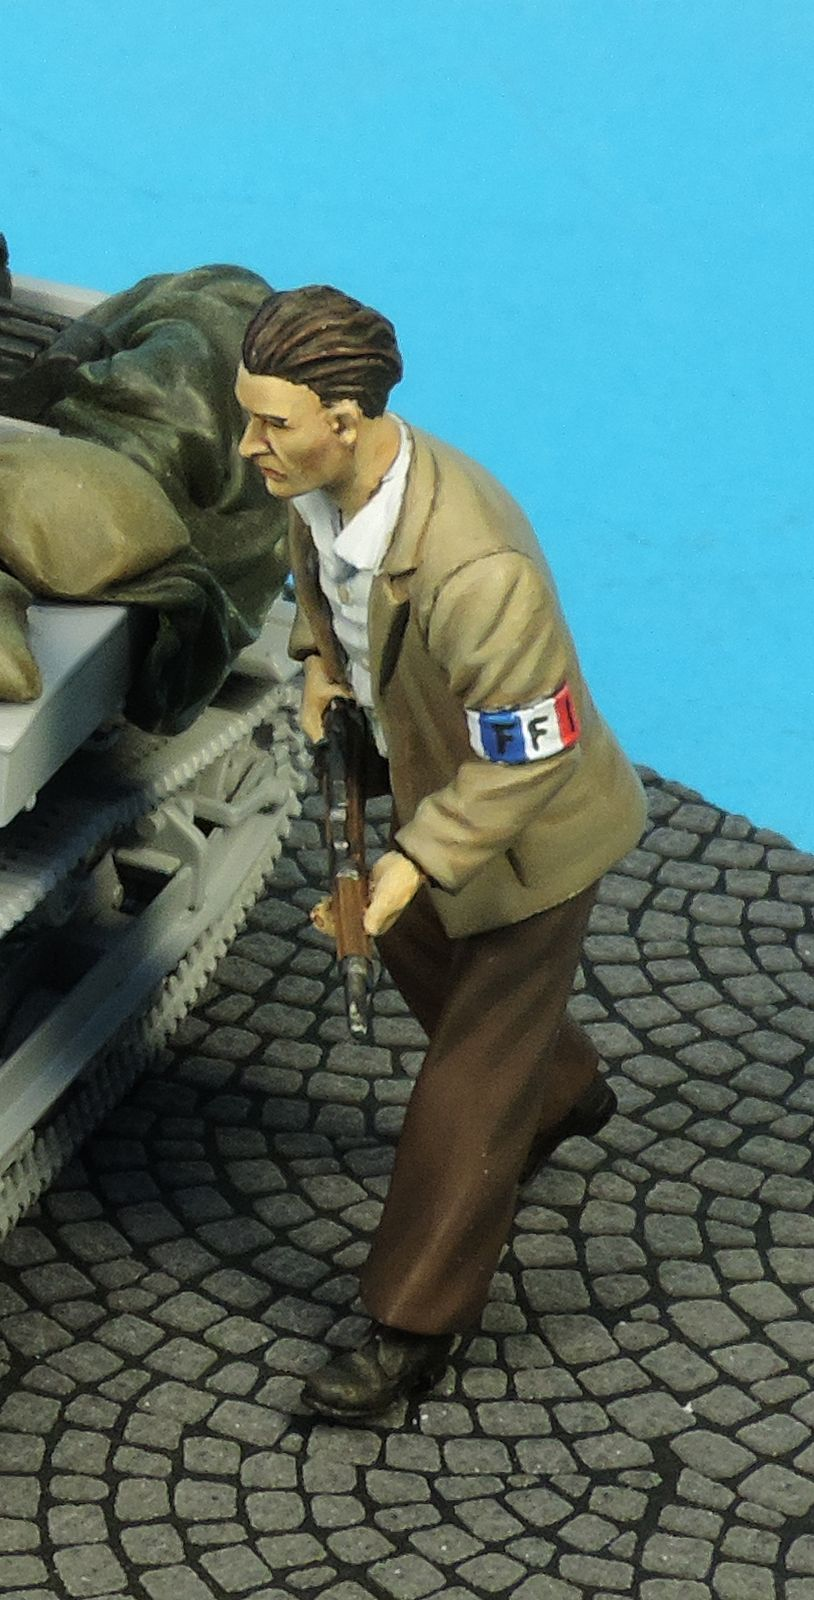 Nouveautés KMT (Kits Maquettes Tank). - Page 4 1903211125419210116169040